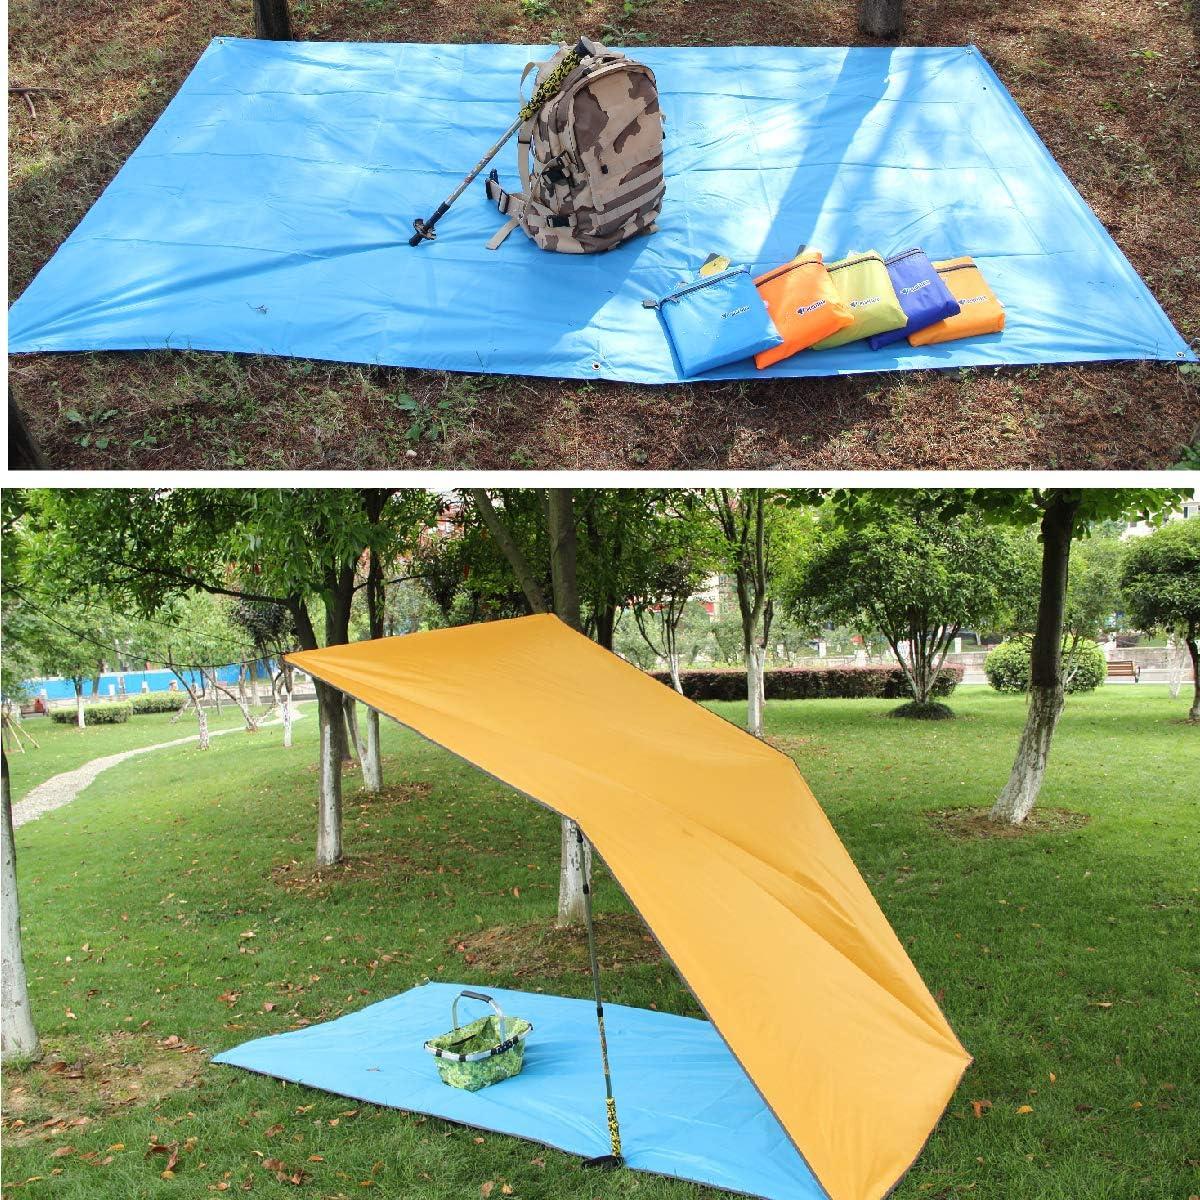 Azarxis Toldo Impermeable de Tienda de Campa/ña Ligero Lona del Piso para Sol Playa P/ícnic C/ésped Mochilero con Accesorios Camping